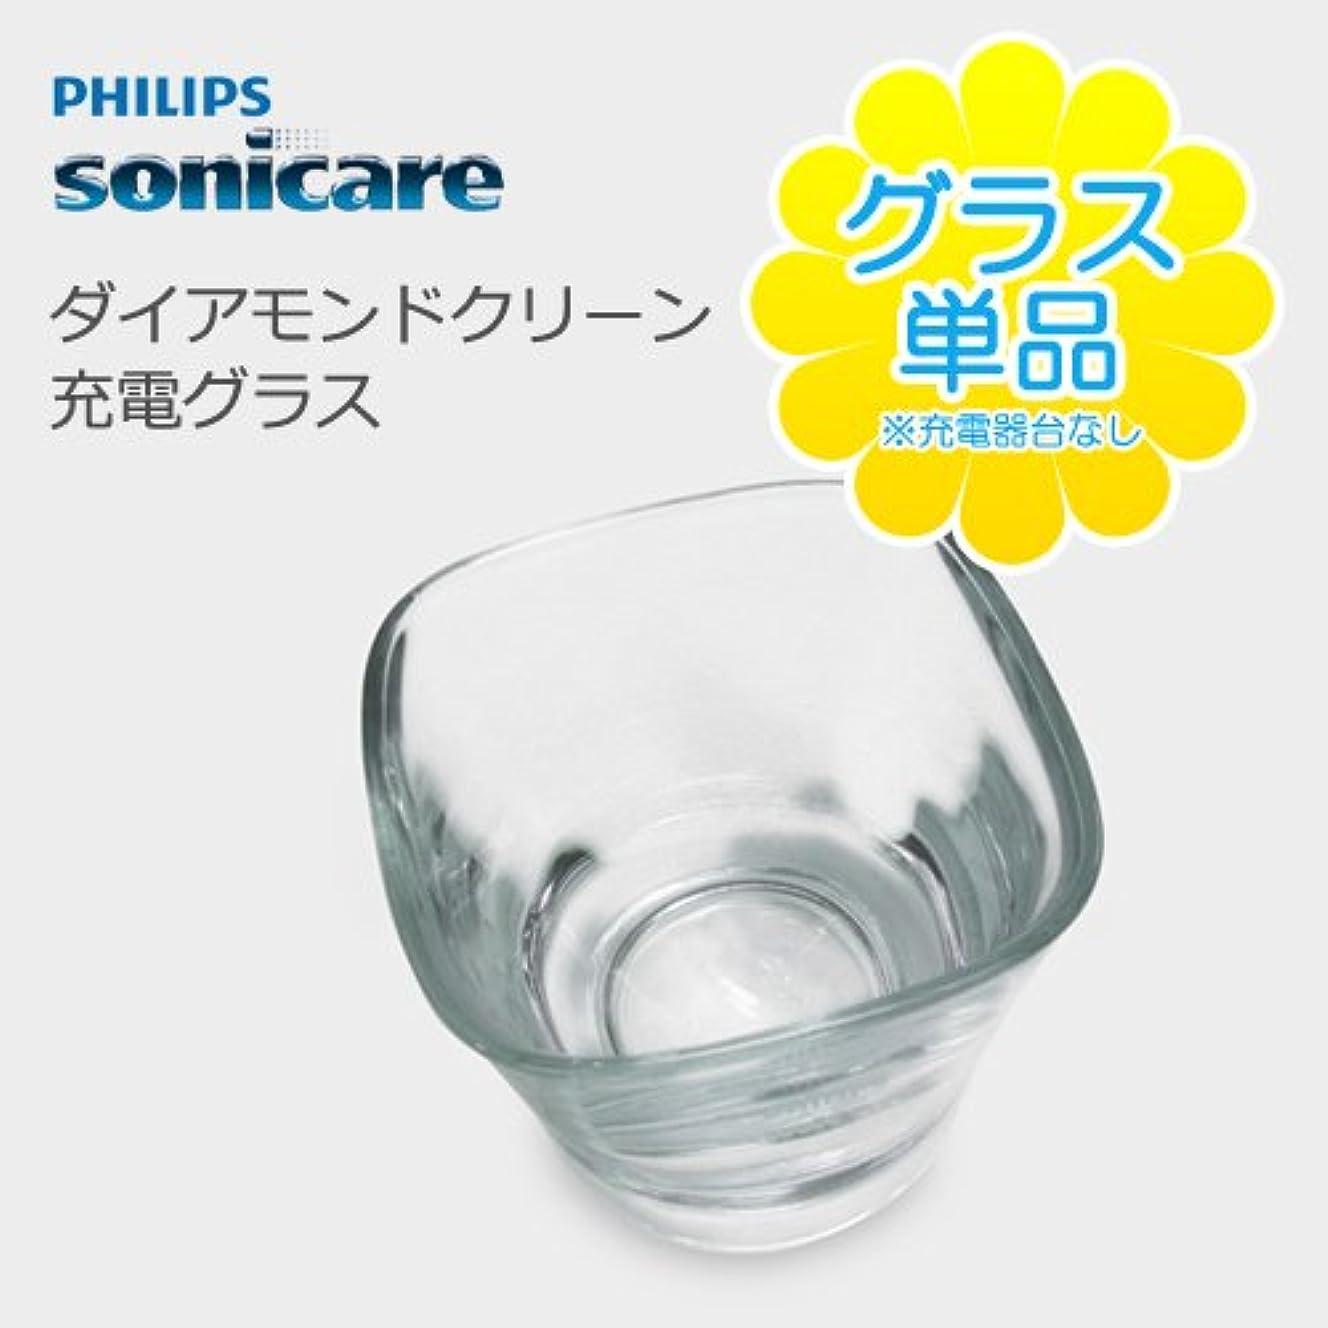 チューブそれにもかかわらずプライムPHILIPS sonicare DiamondClean 充電グラス(単品) ソニッケアーダイヤモンドクリーンをお持ちの方におすすめ!充電グラスのみの販売です HX9303/04 HX9353/54 HX9333/04 HX9303/04 対応 [並行輸入品]